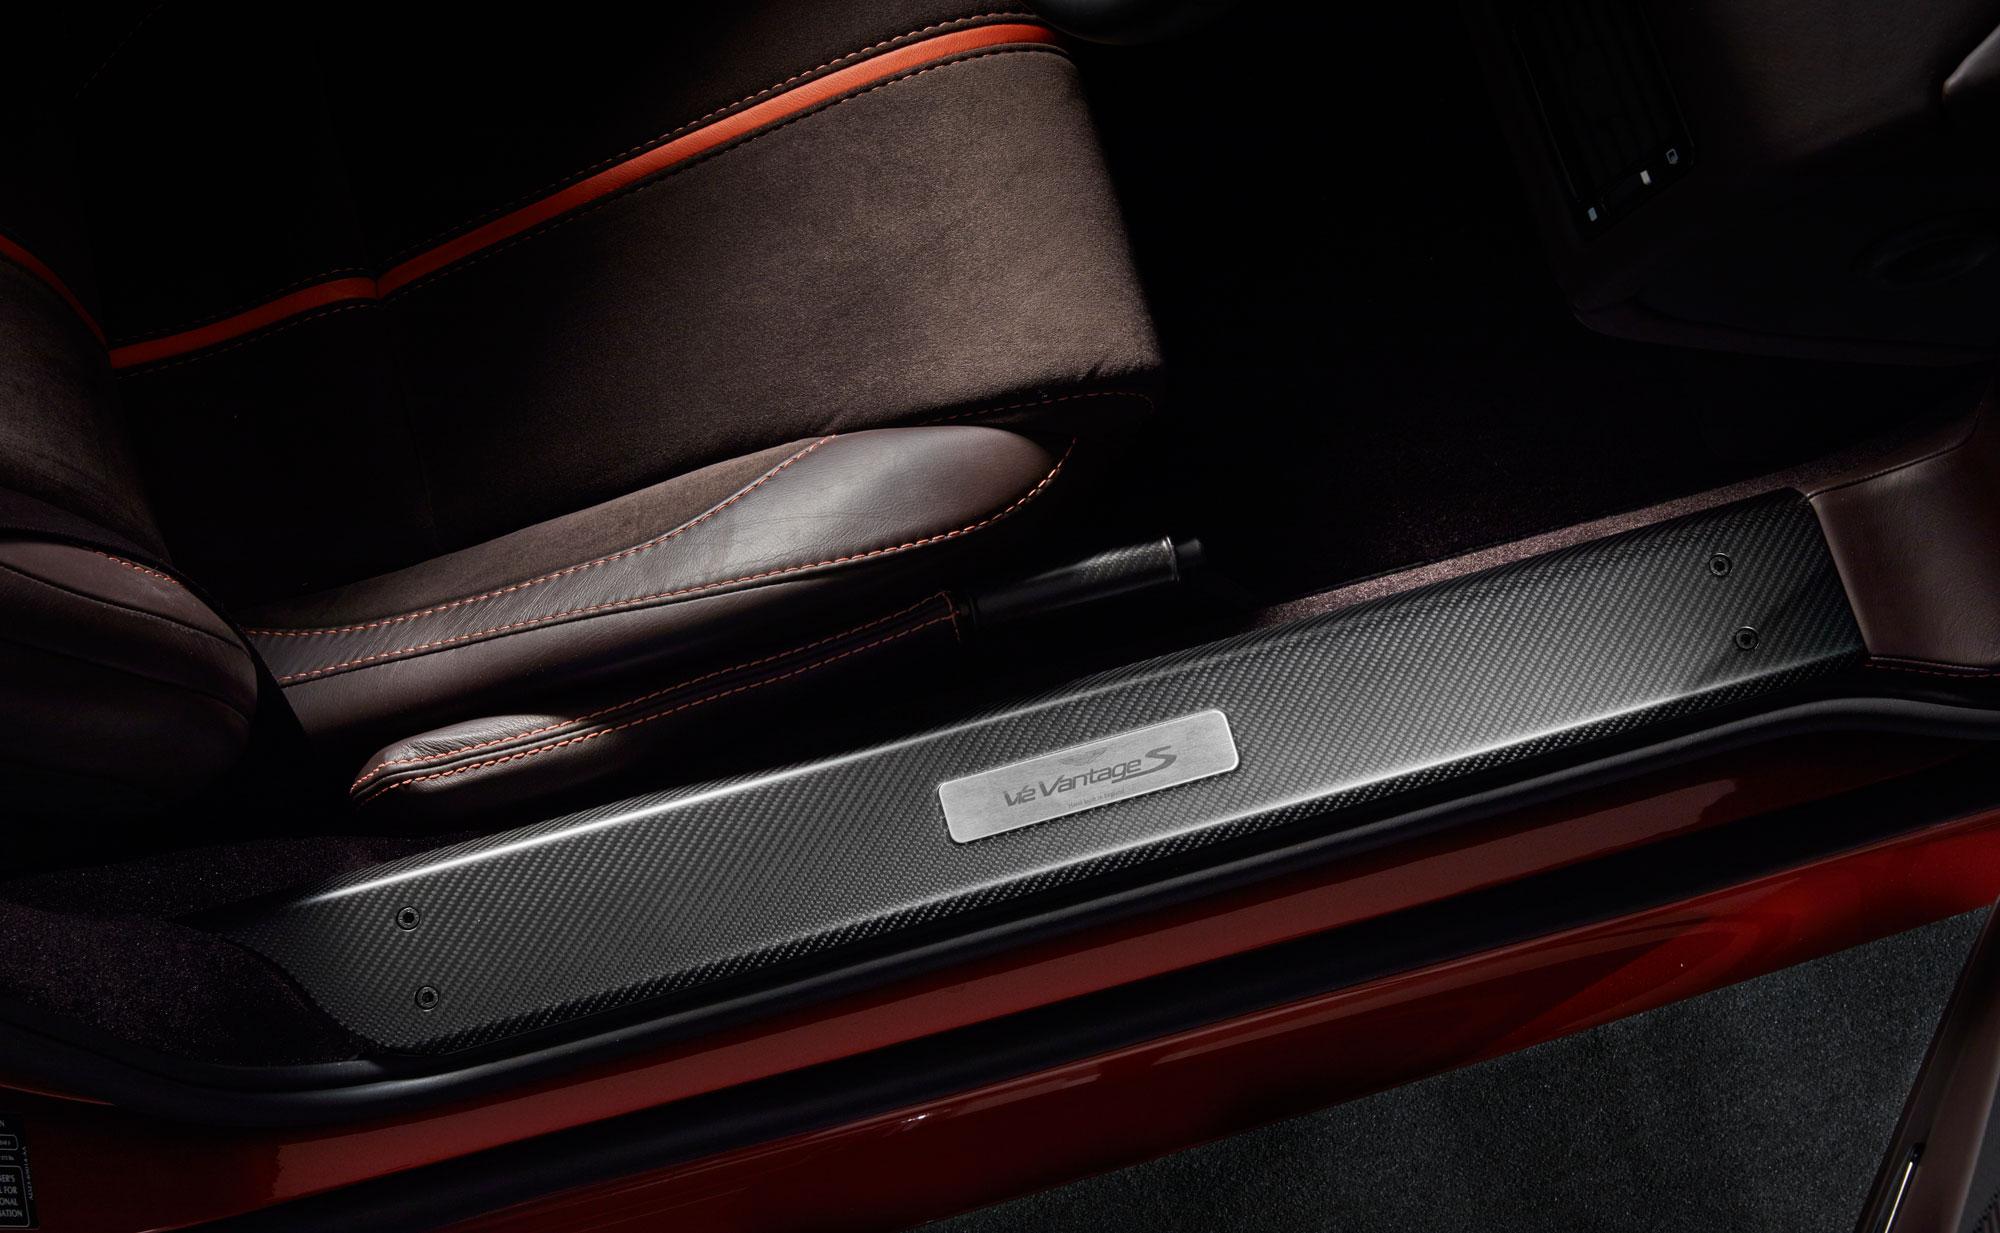 V8 Vantage Carbon Trim Pack Vehicle Accessories